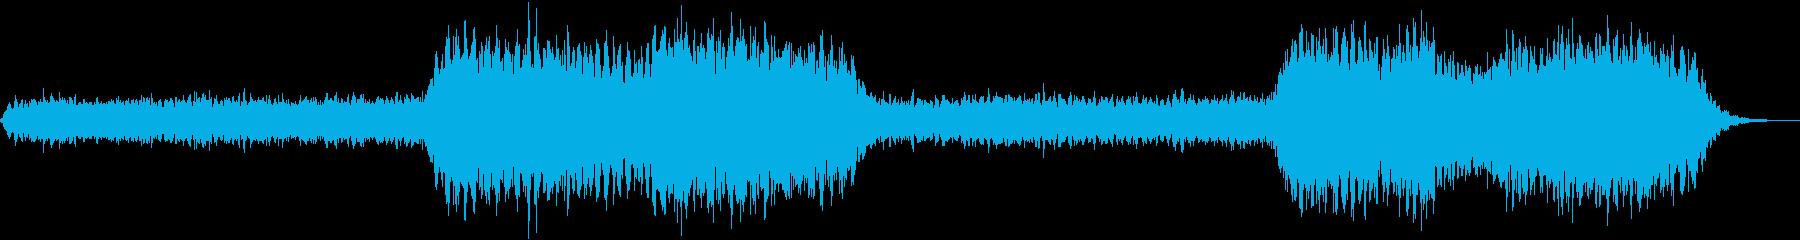 不気味だけど幻想的なBGMの再生済みの波形